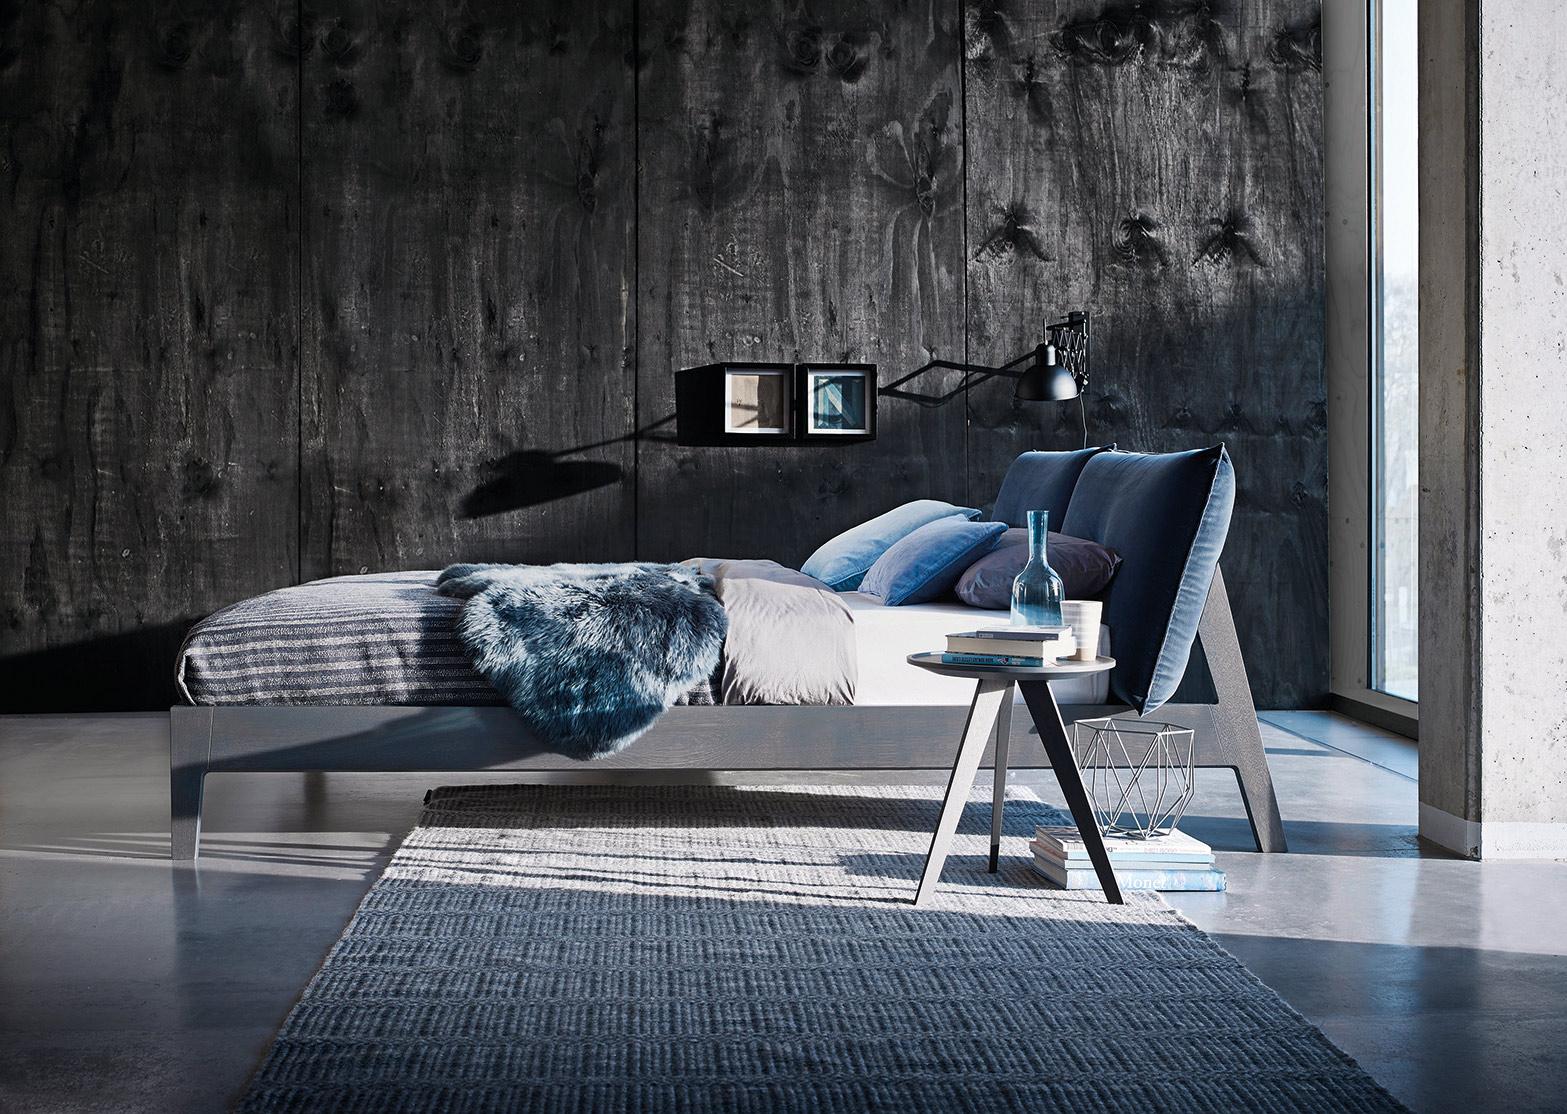 betten auer das schlafstudio im raum rosenheim das werkhaus. Black Bedroom Furniture Sets. Home Design Ideas